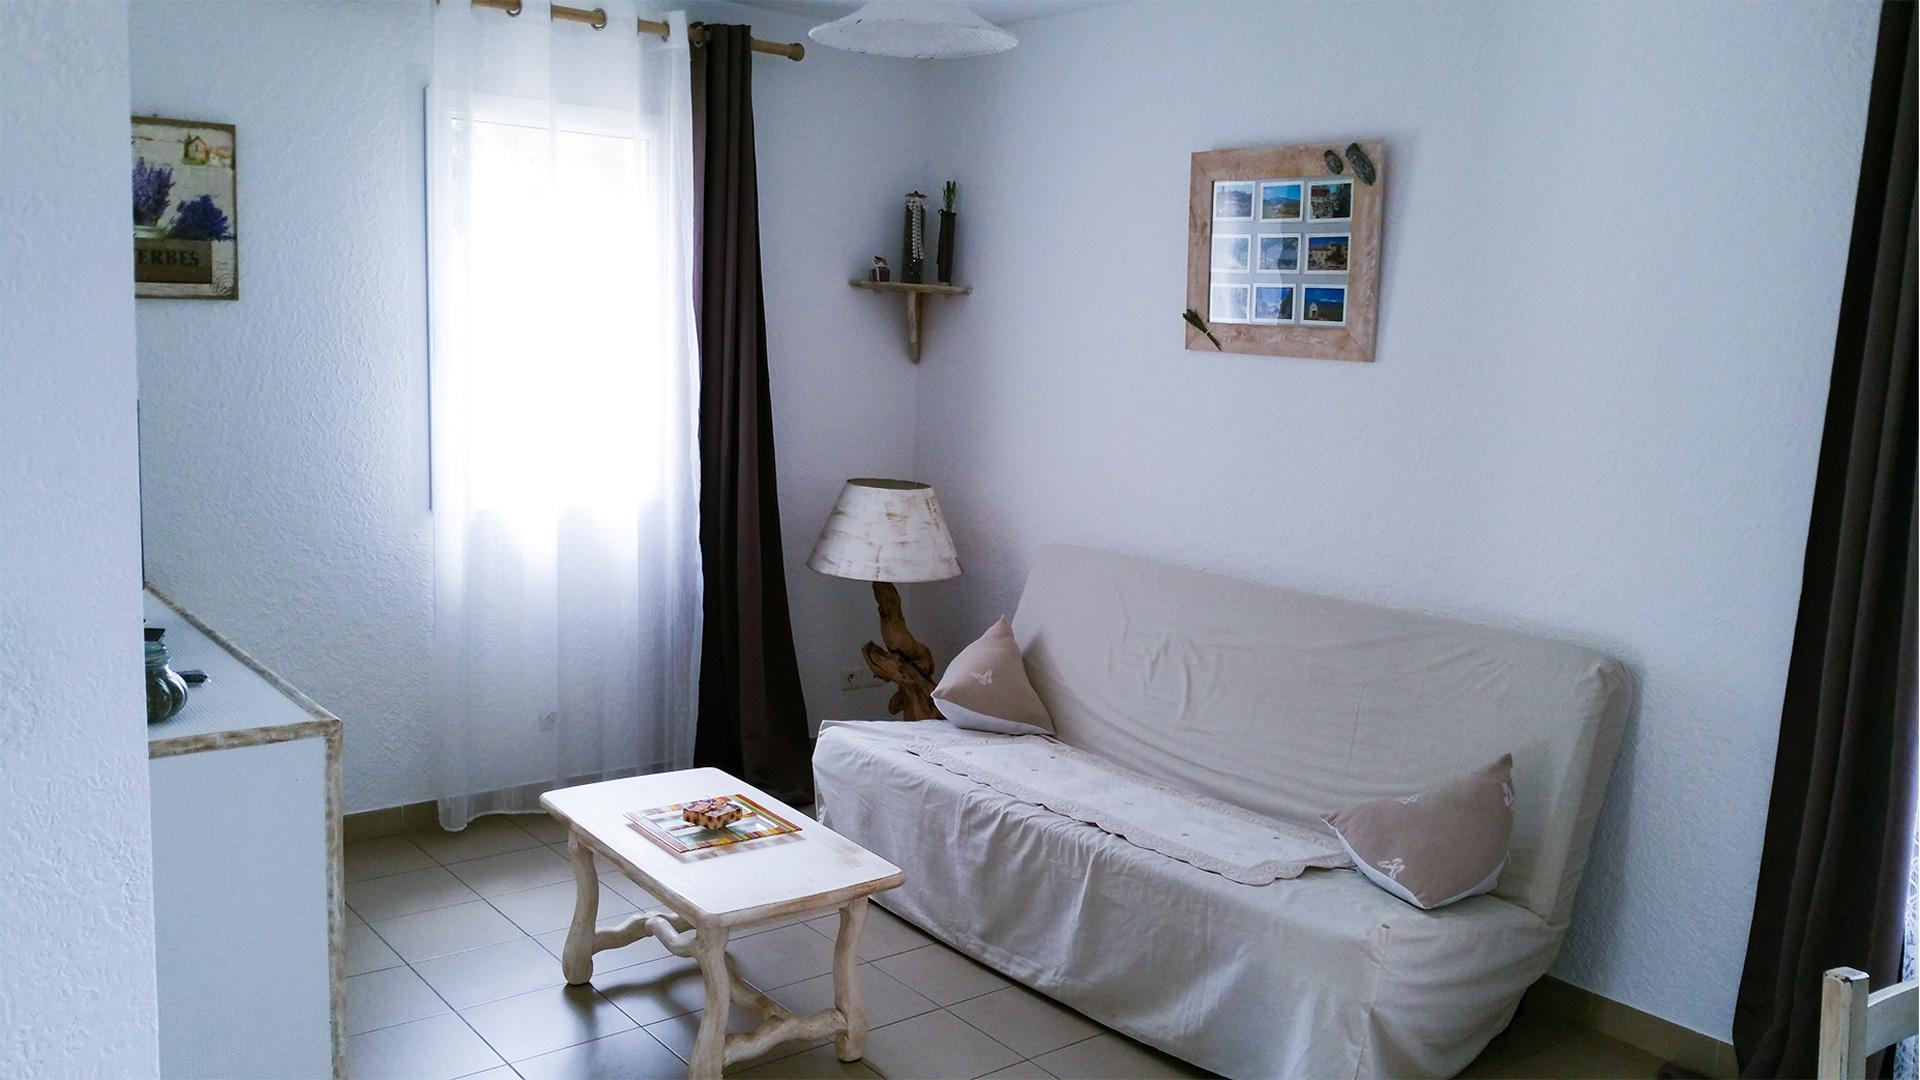 Salon d'un appartement